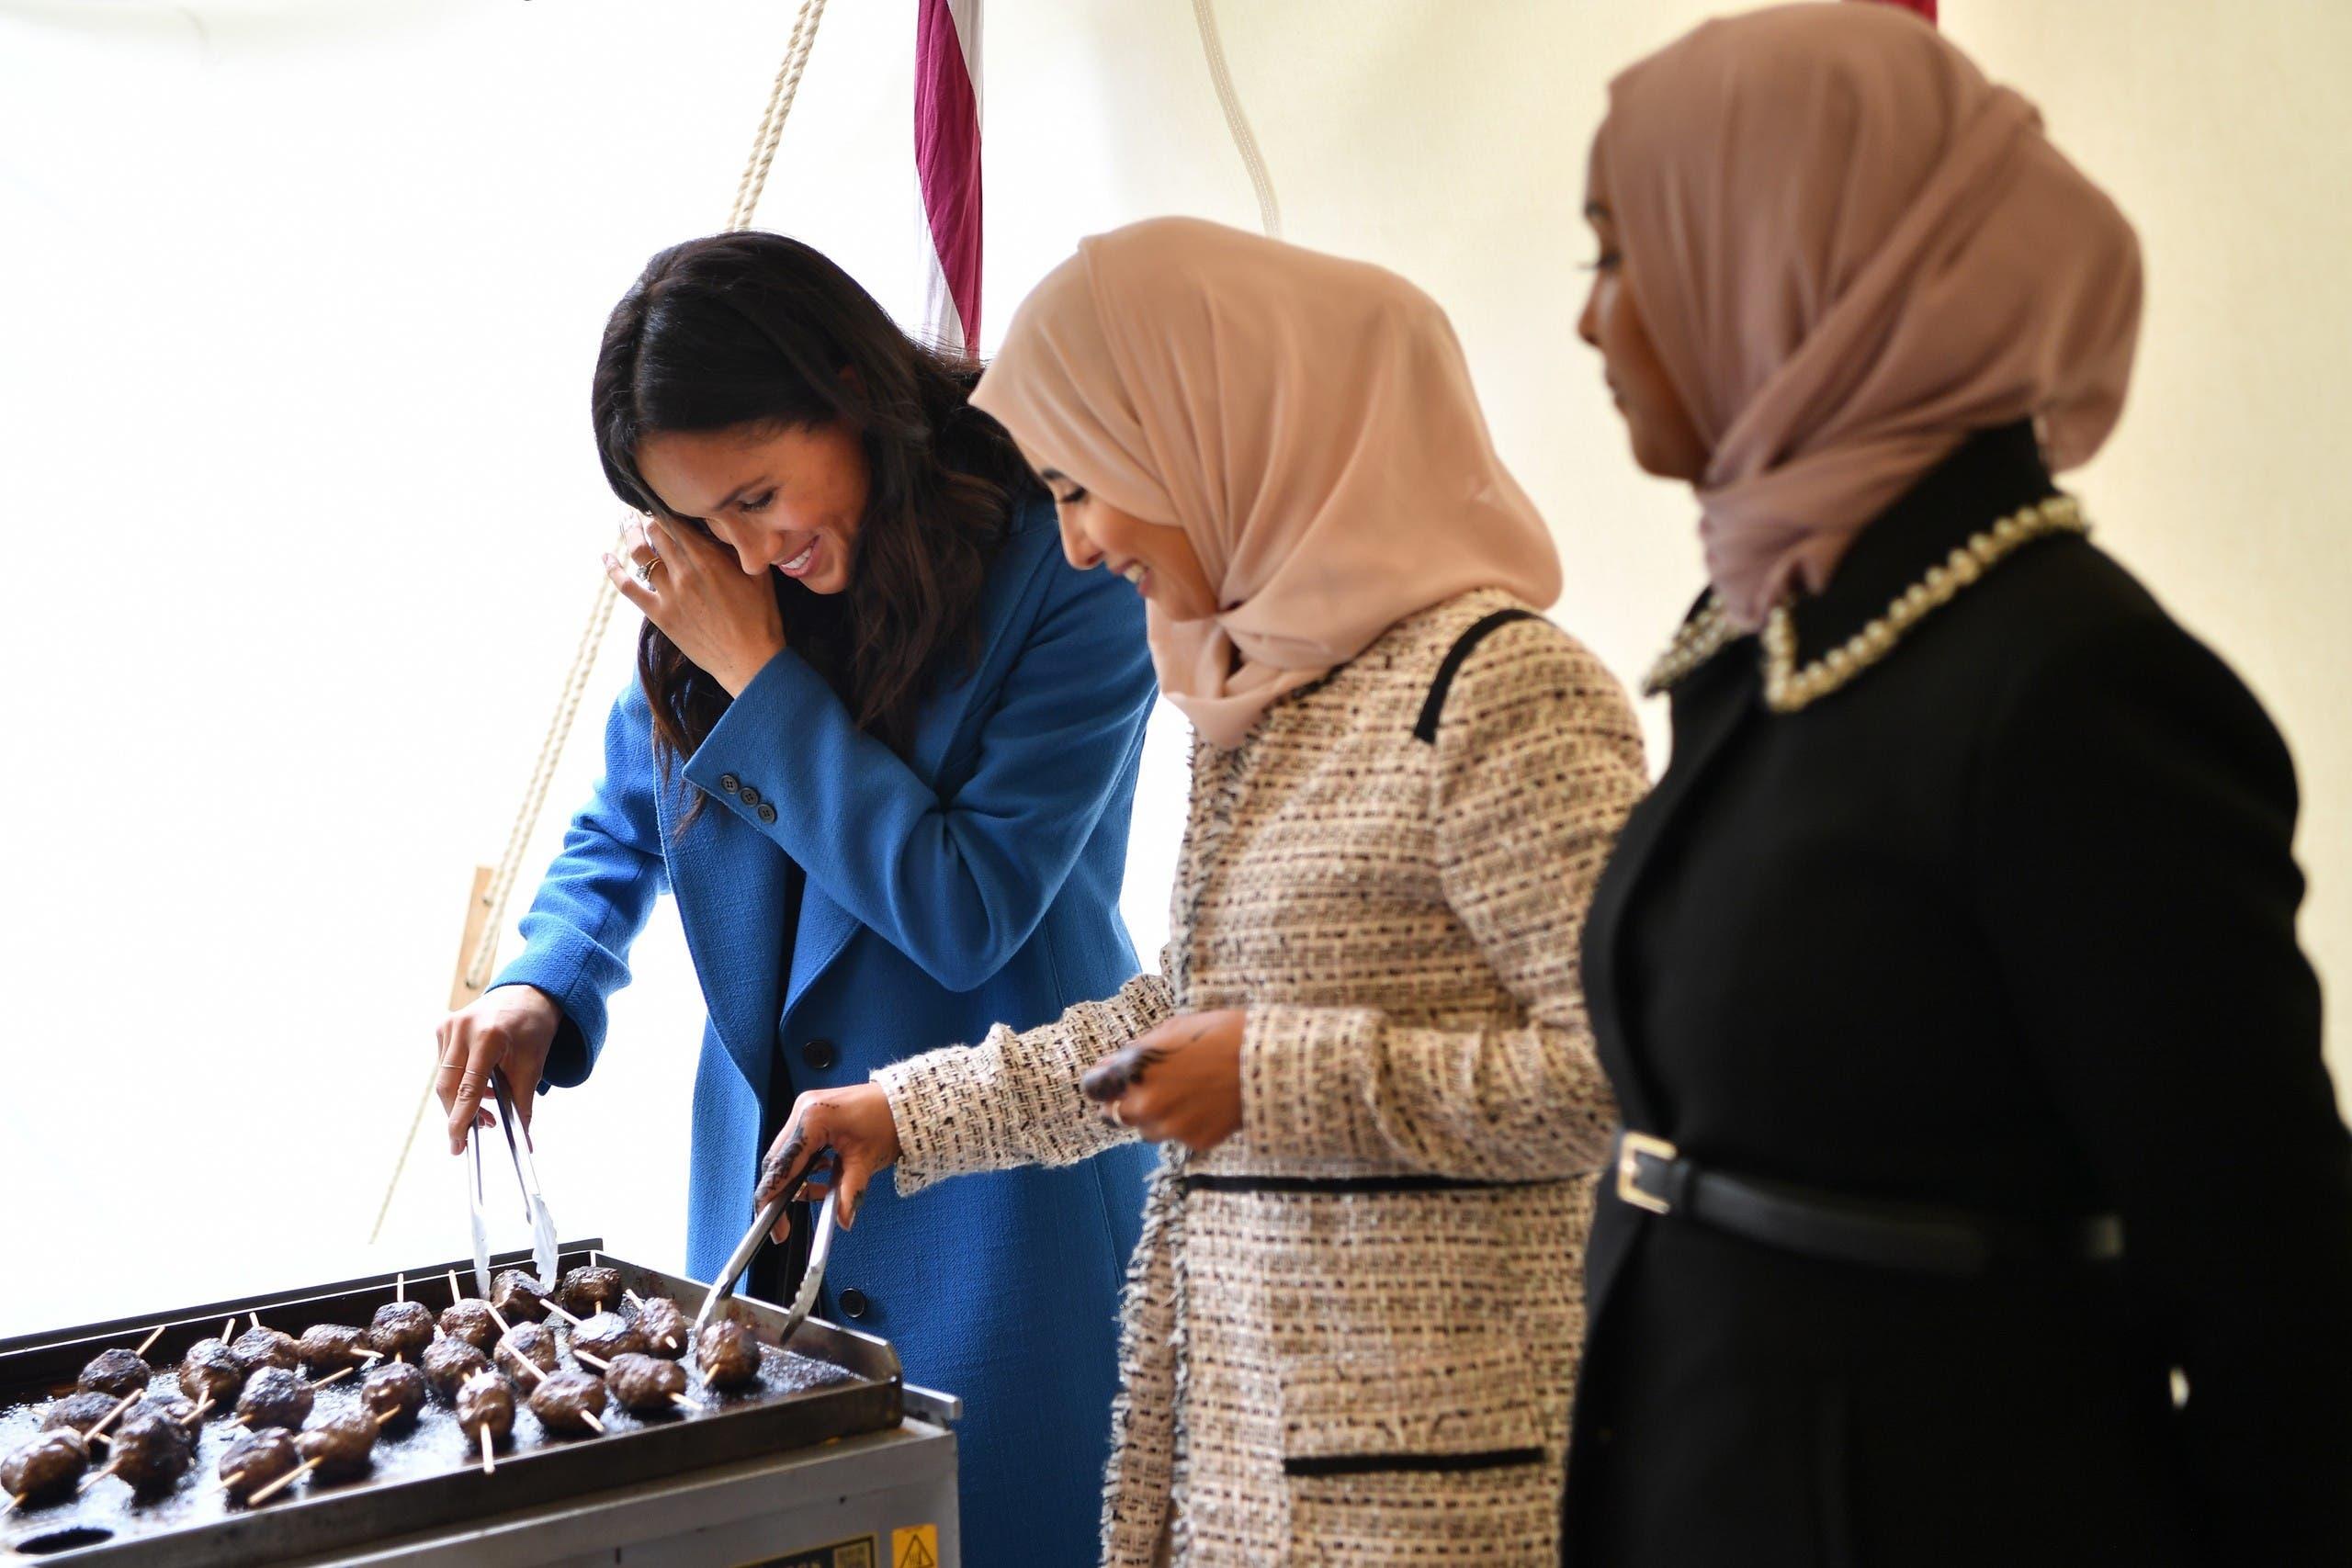 851d6cde ac61 4fdc 9f62 32da7aedc414 أم ميغان ميركل تشارك ابنتها العمل الخيري لصالح المسلمين  ونشر وصفات الطعام!!!